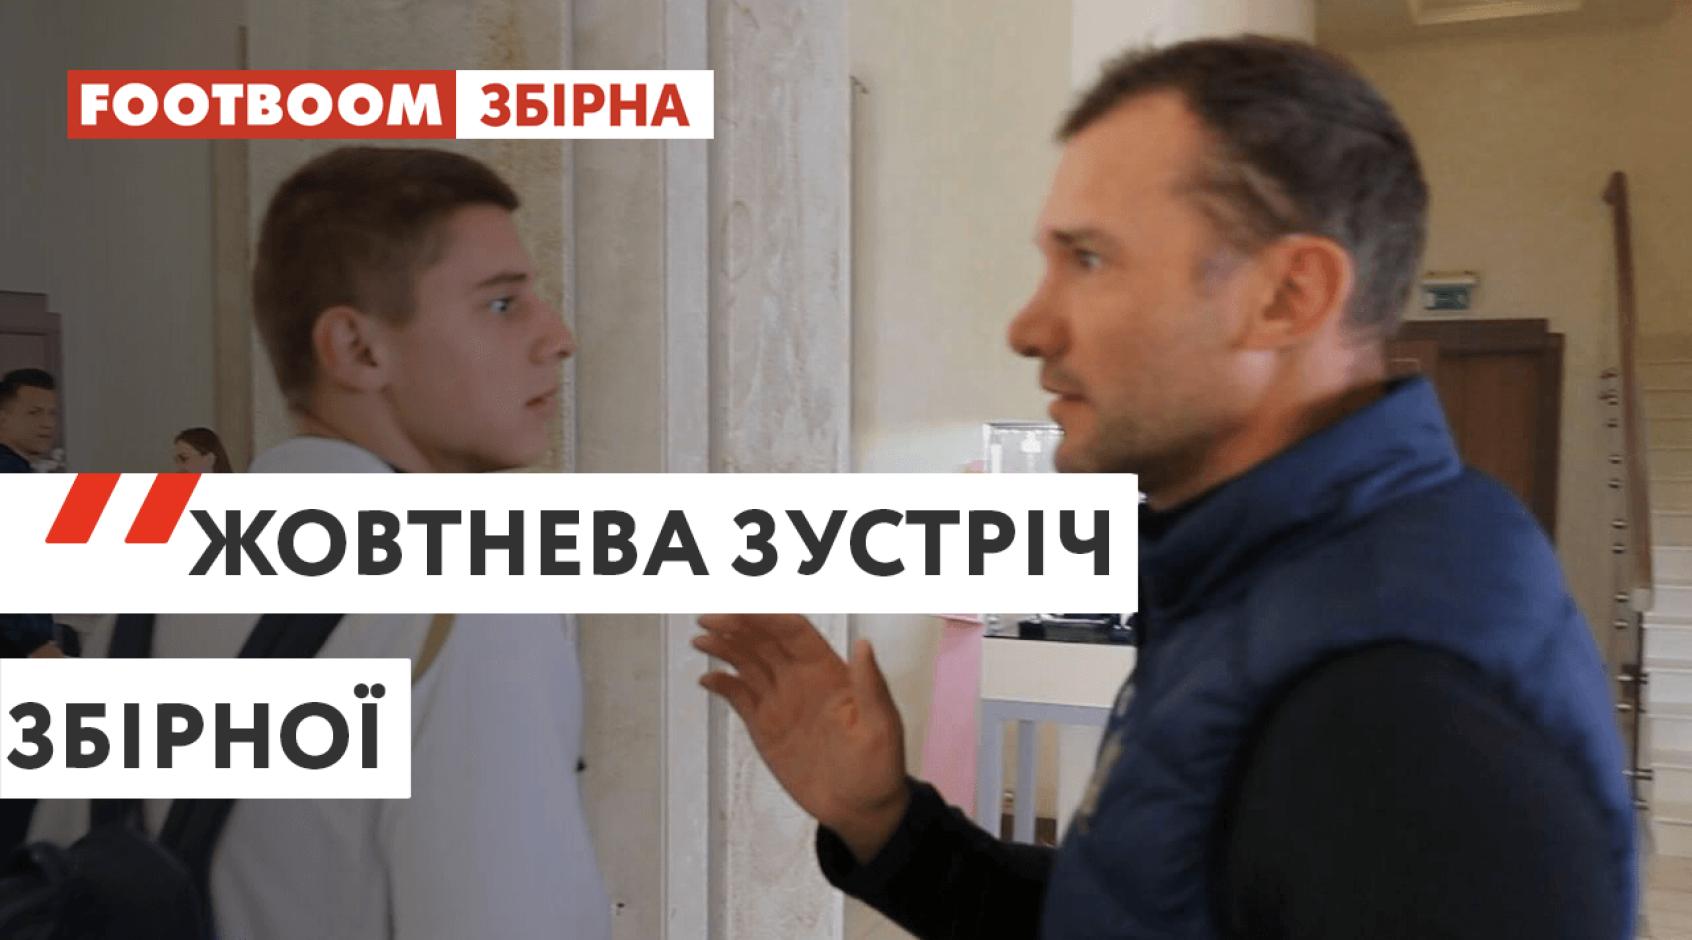 Збірна України: жовтнева зустріч (Відео)